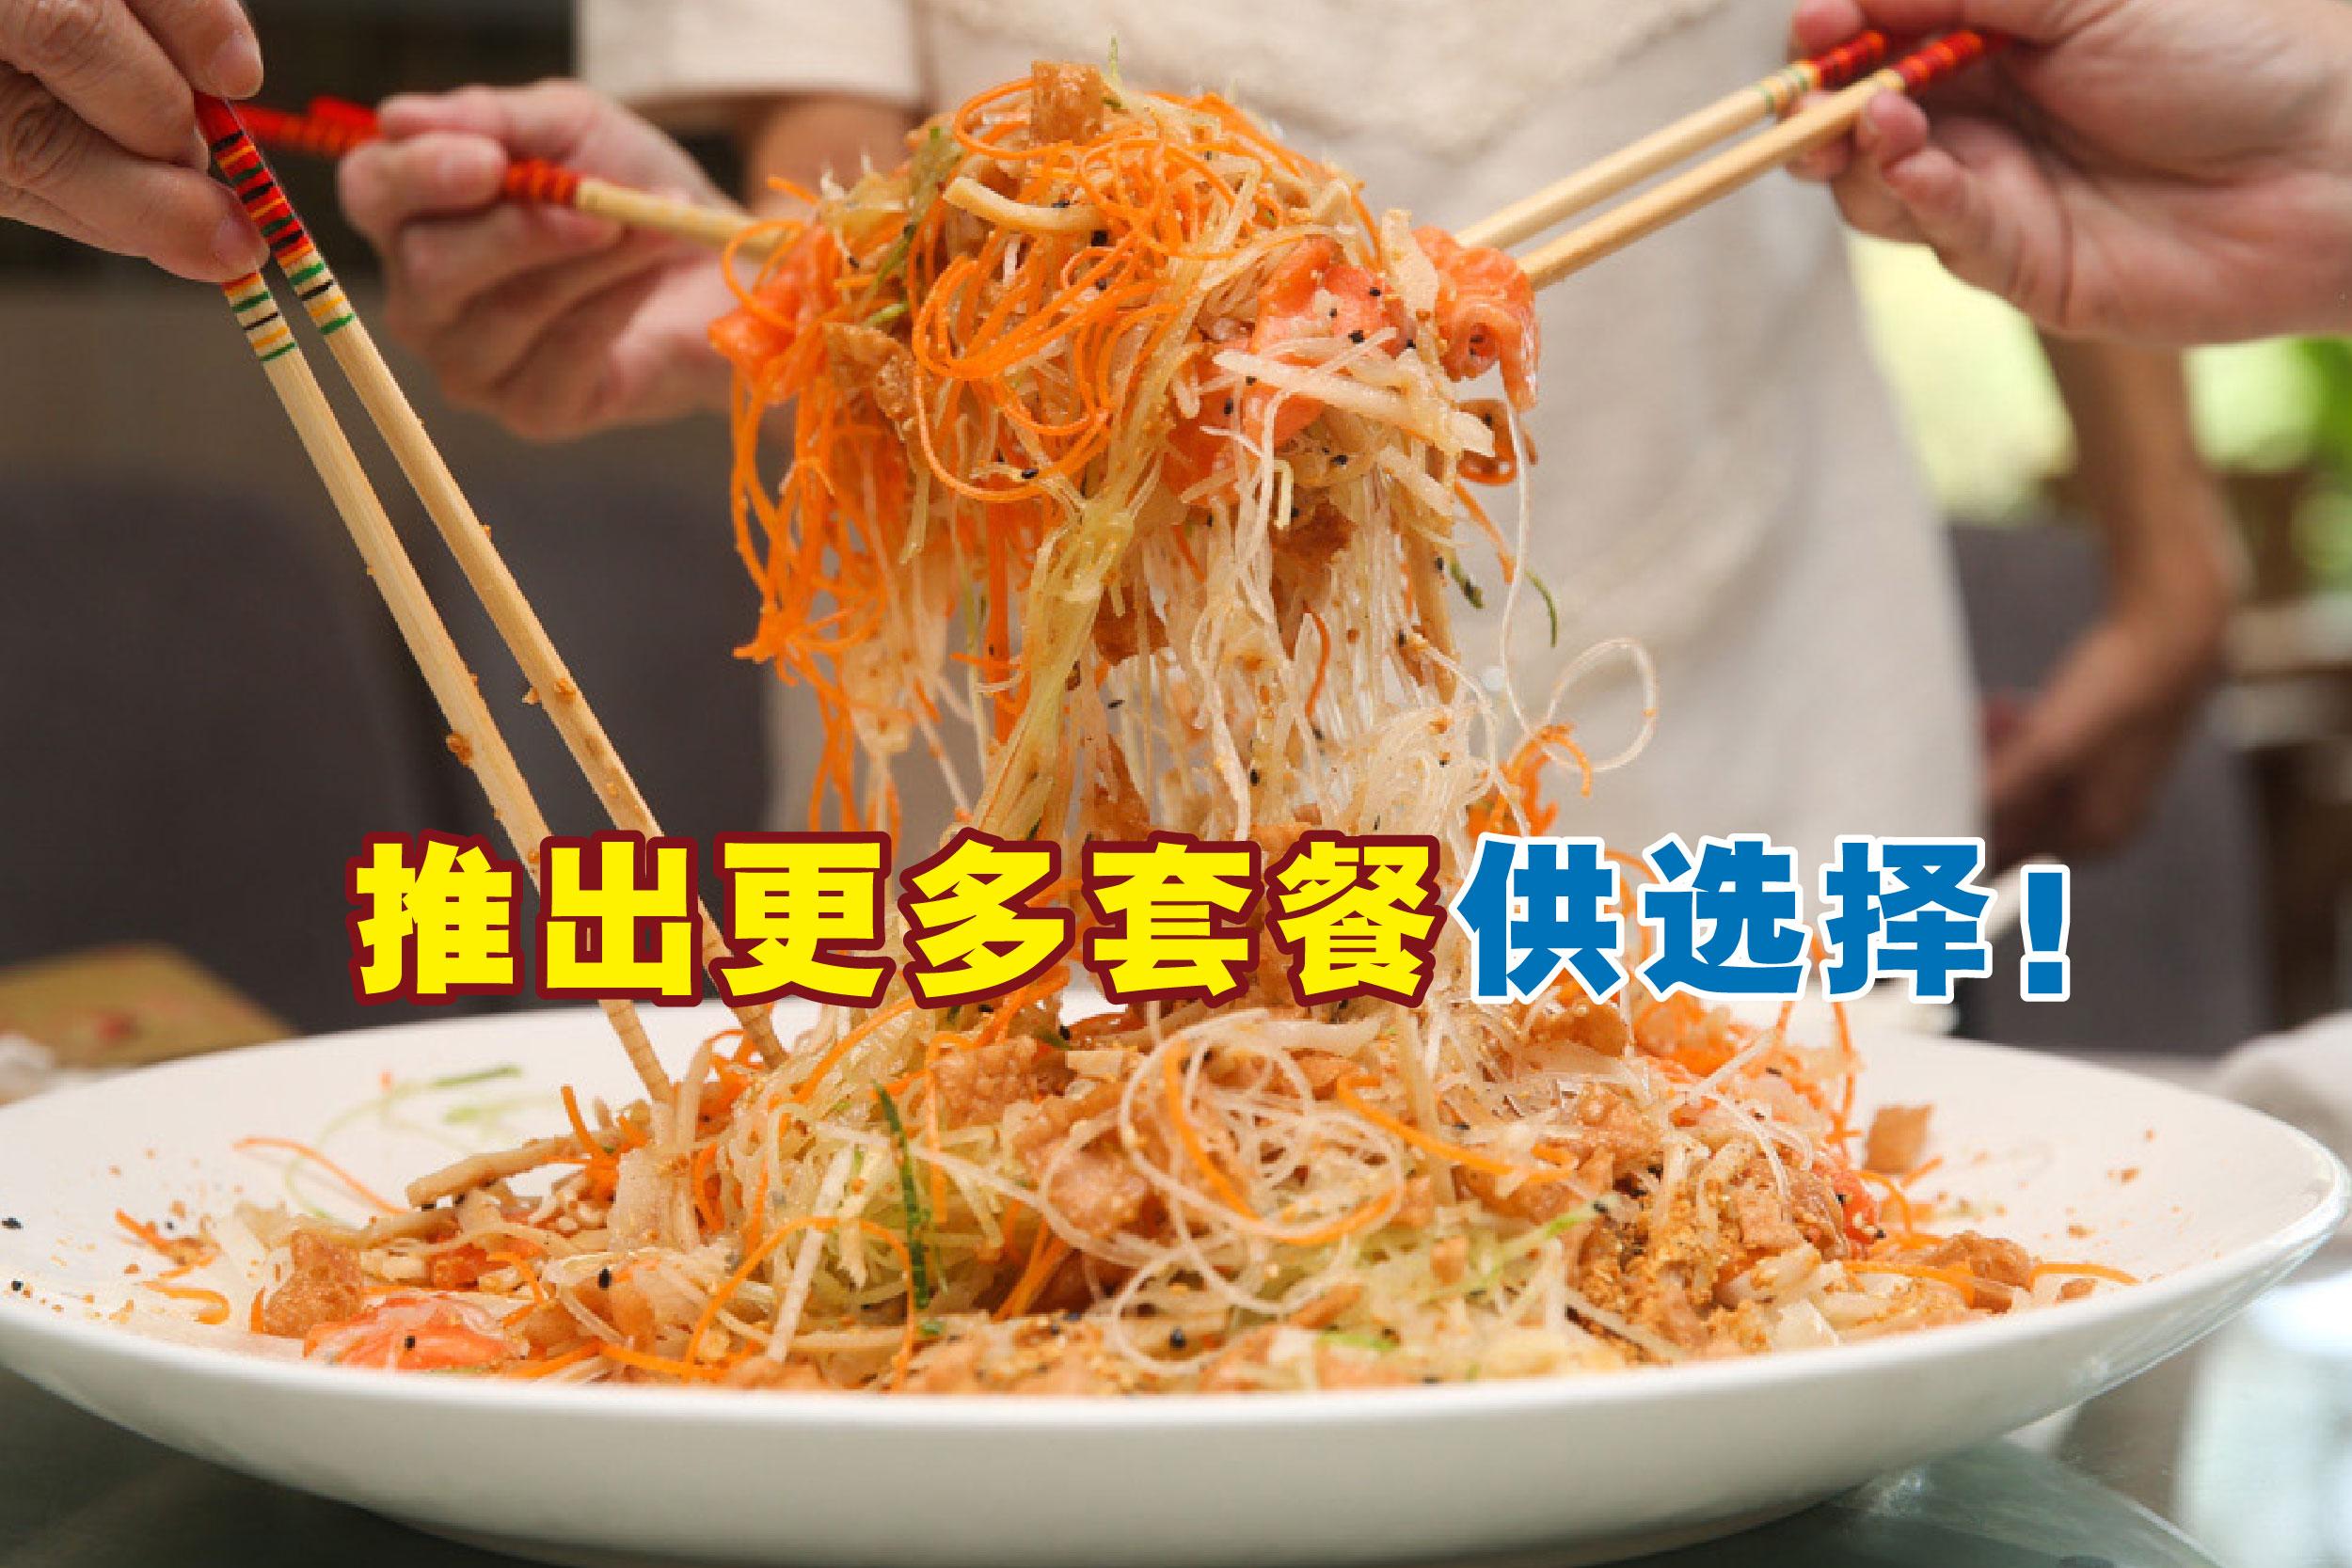 但位于巴生谷的几家中餐厅,如香港雅轩酒楼、港城集团旗下的酒家、文华轩及海外天等,都会在农历新年期间开放预订。-Choo Choy May摄,精彩大马制图-